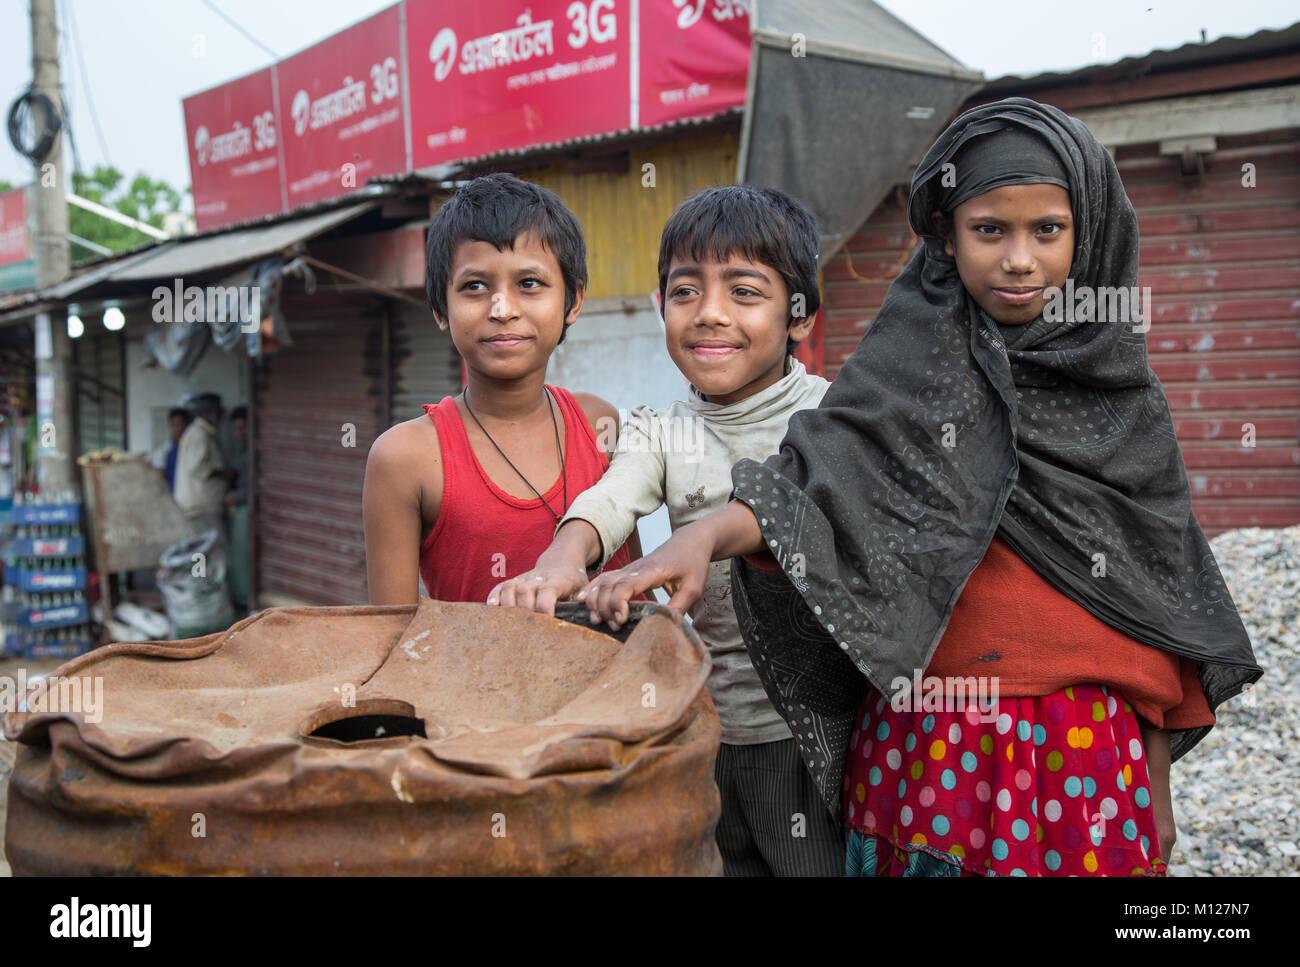 Bangladeshi kids at a market in Chittagong - Stock Image